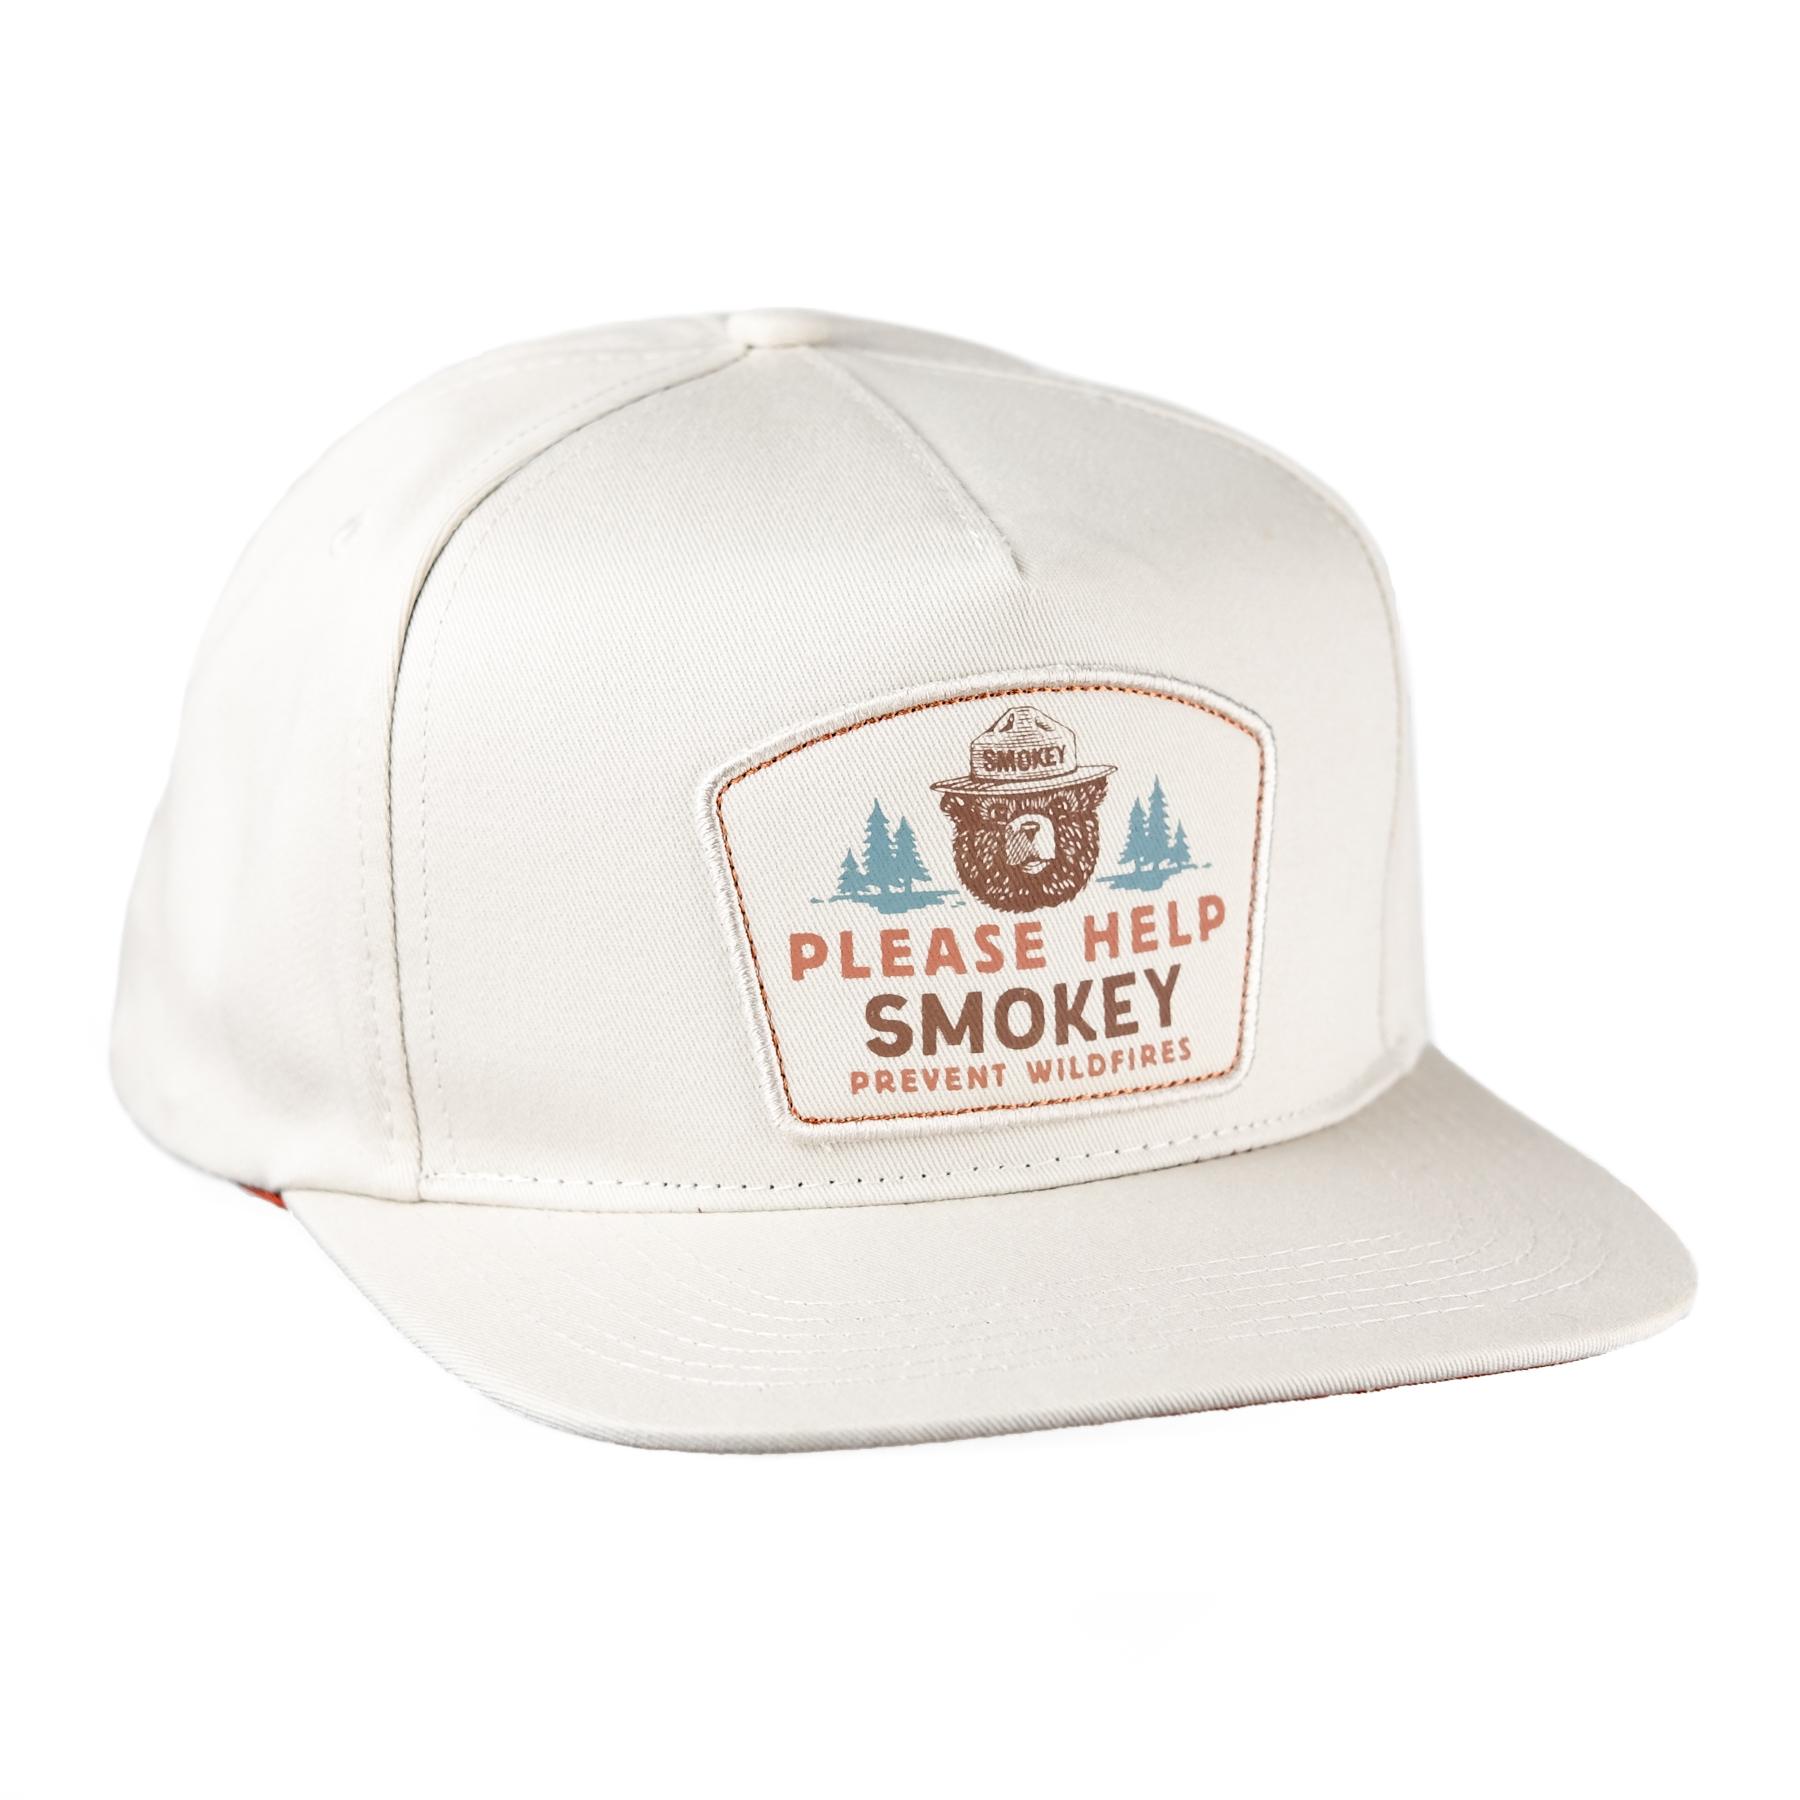 please-help-smokey-hat-1.jpg